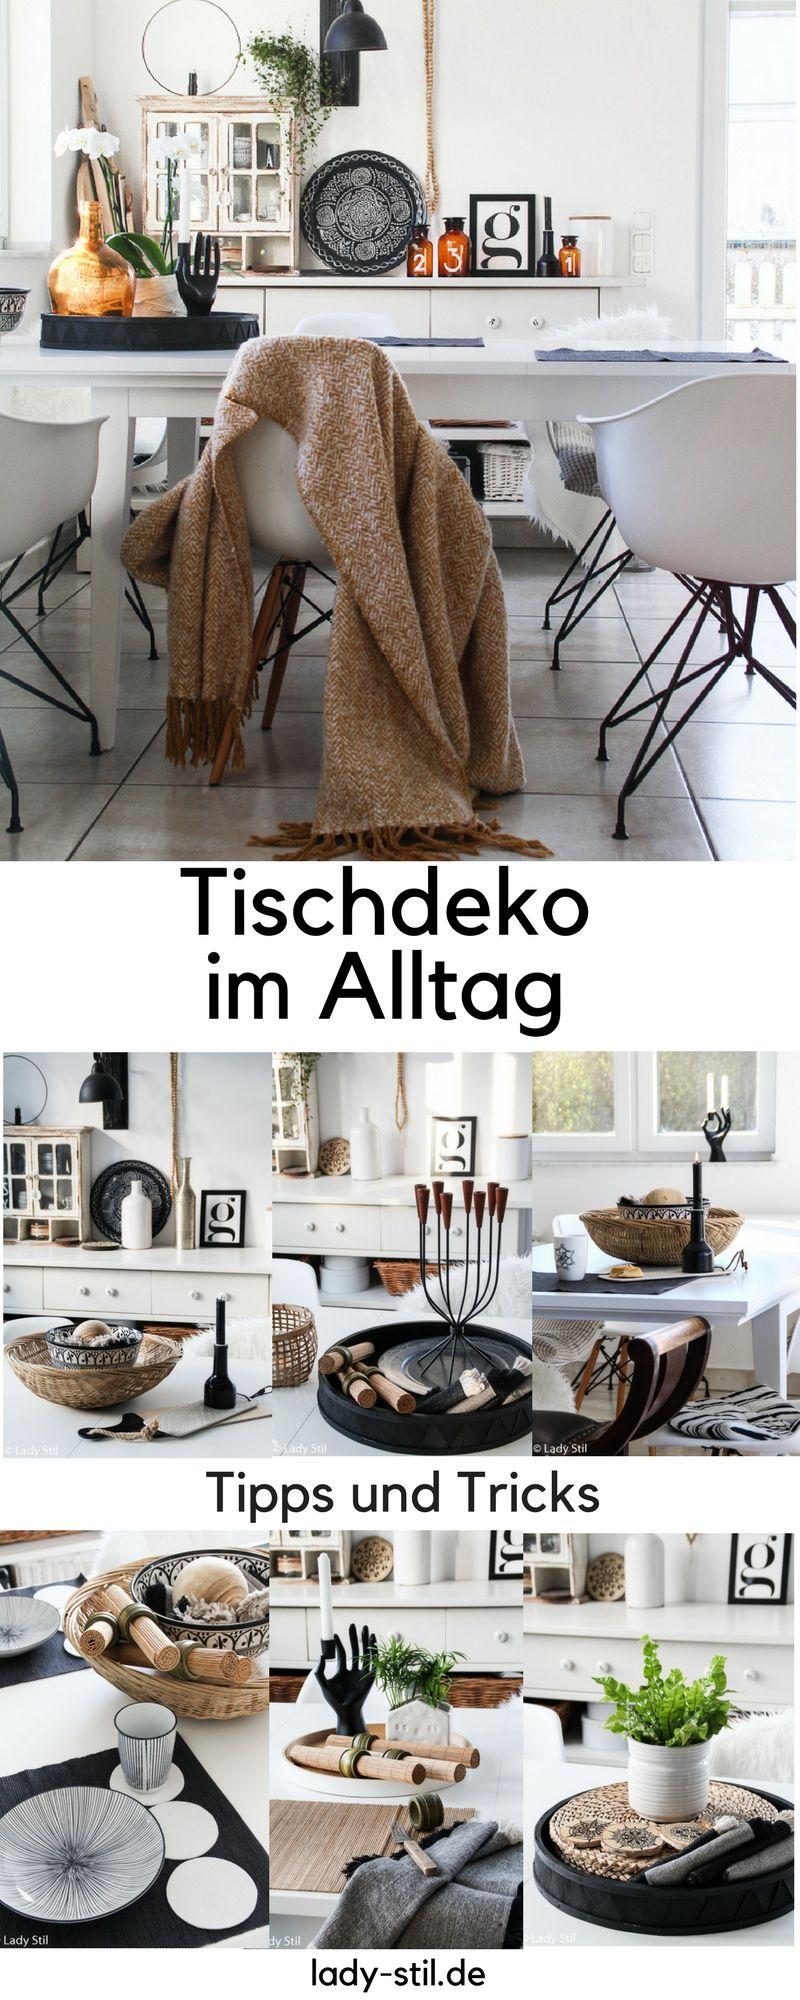 Der Neue Tischdekoration Im Alltag Diy Platzdeckchen Lady Stil